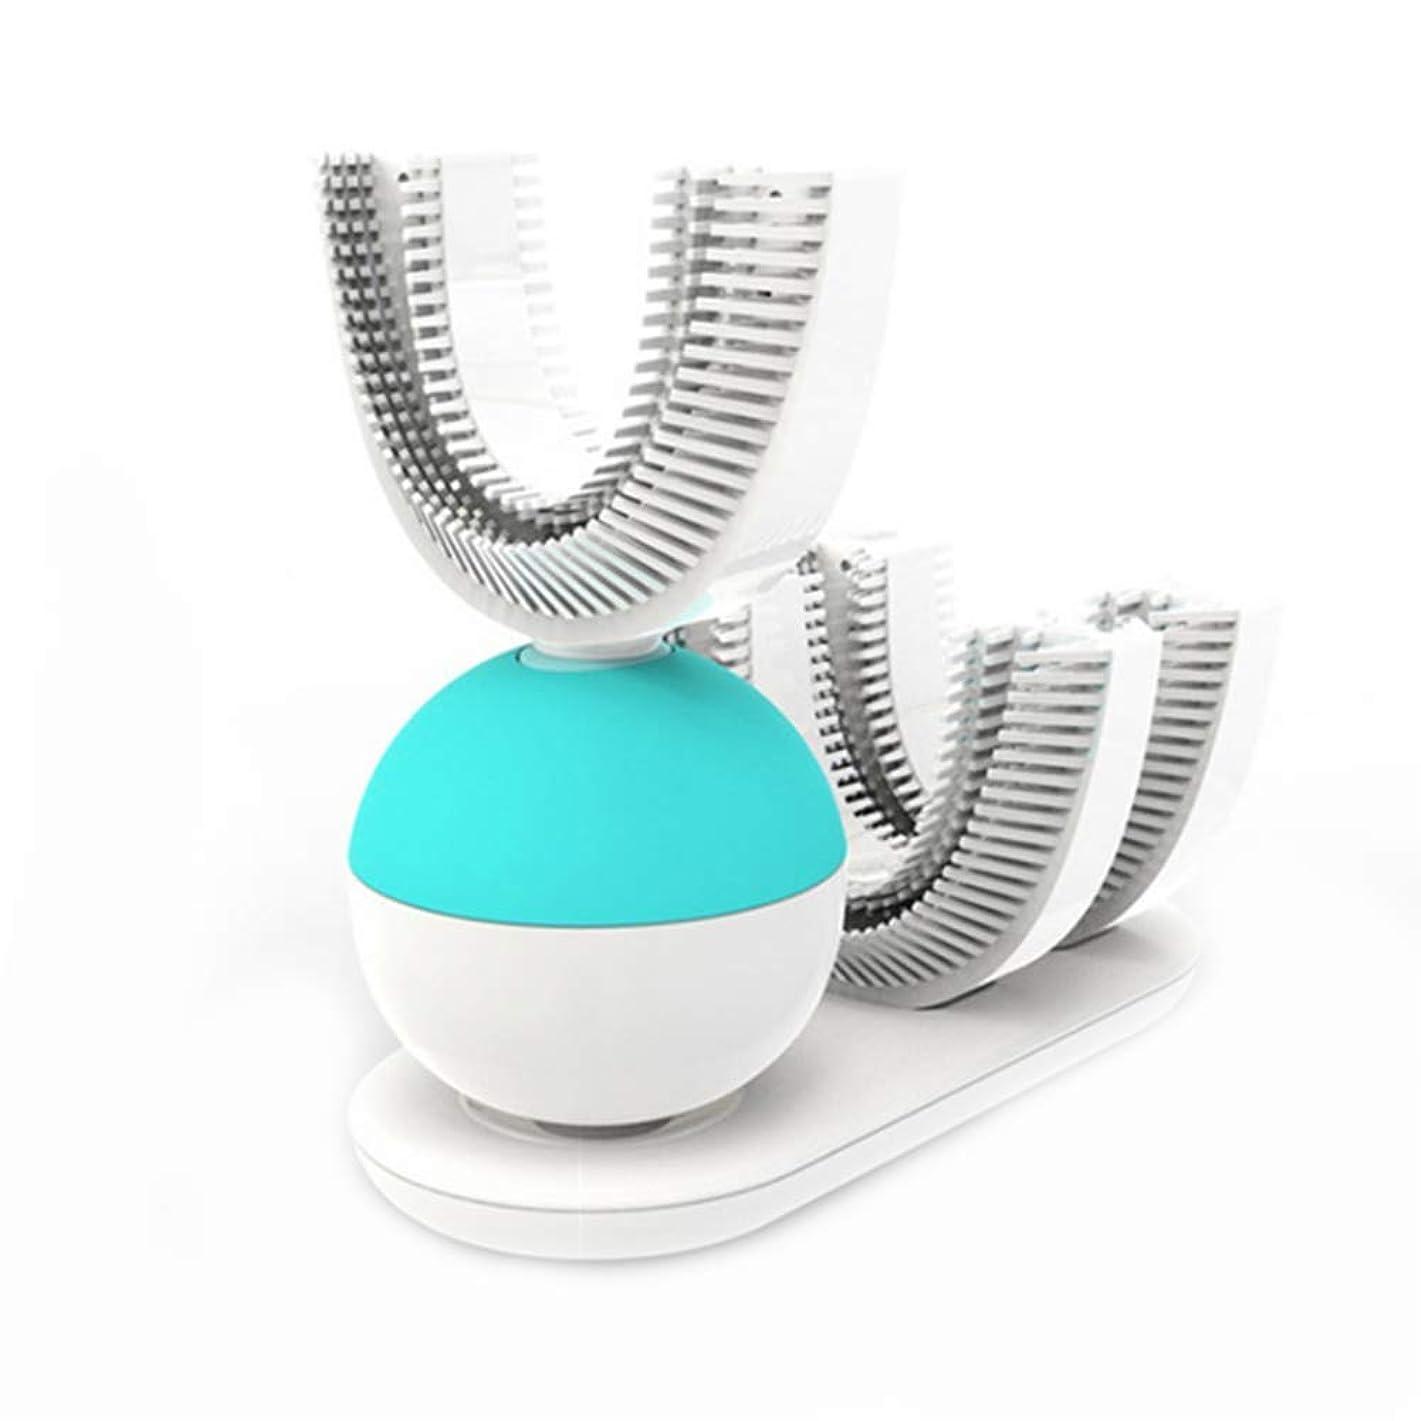 夜明けに軸アーカイブ電動歯ブラシ自動 U型ブラシヘッド360°全周清掃口腔衛生用具